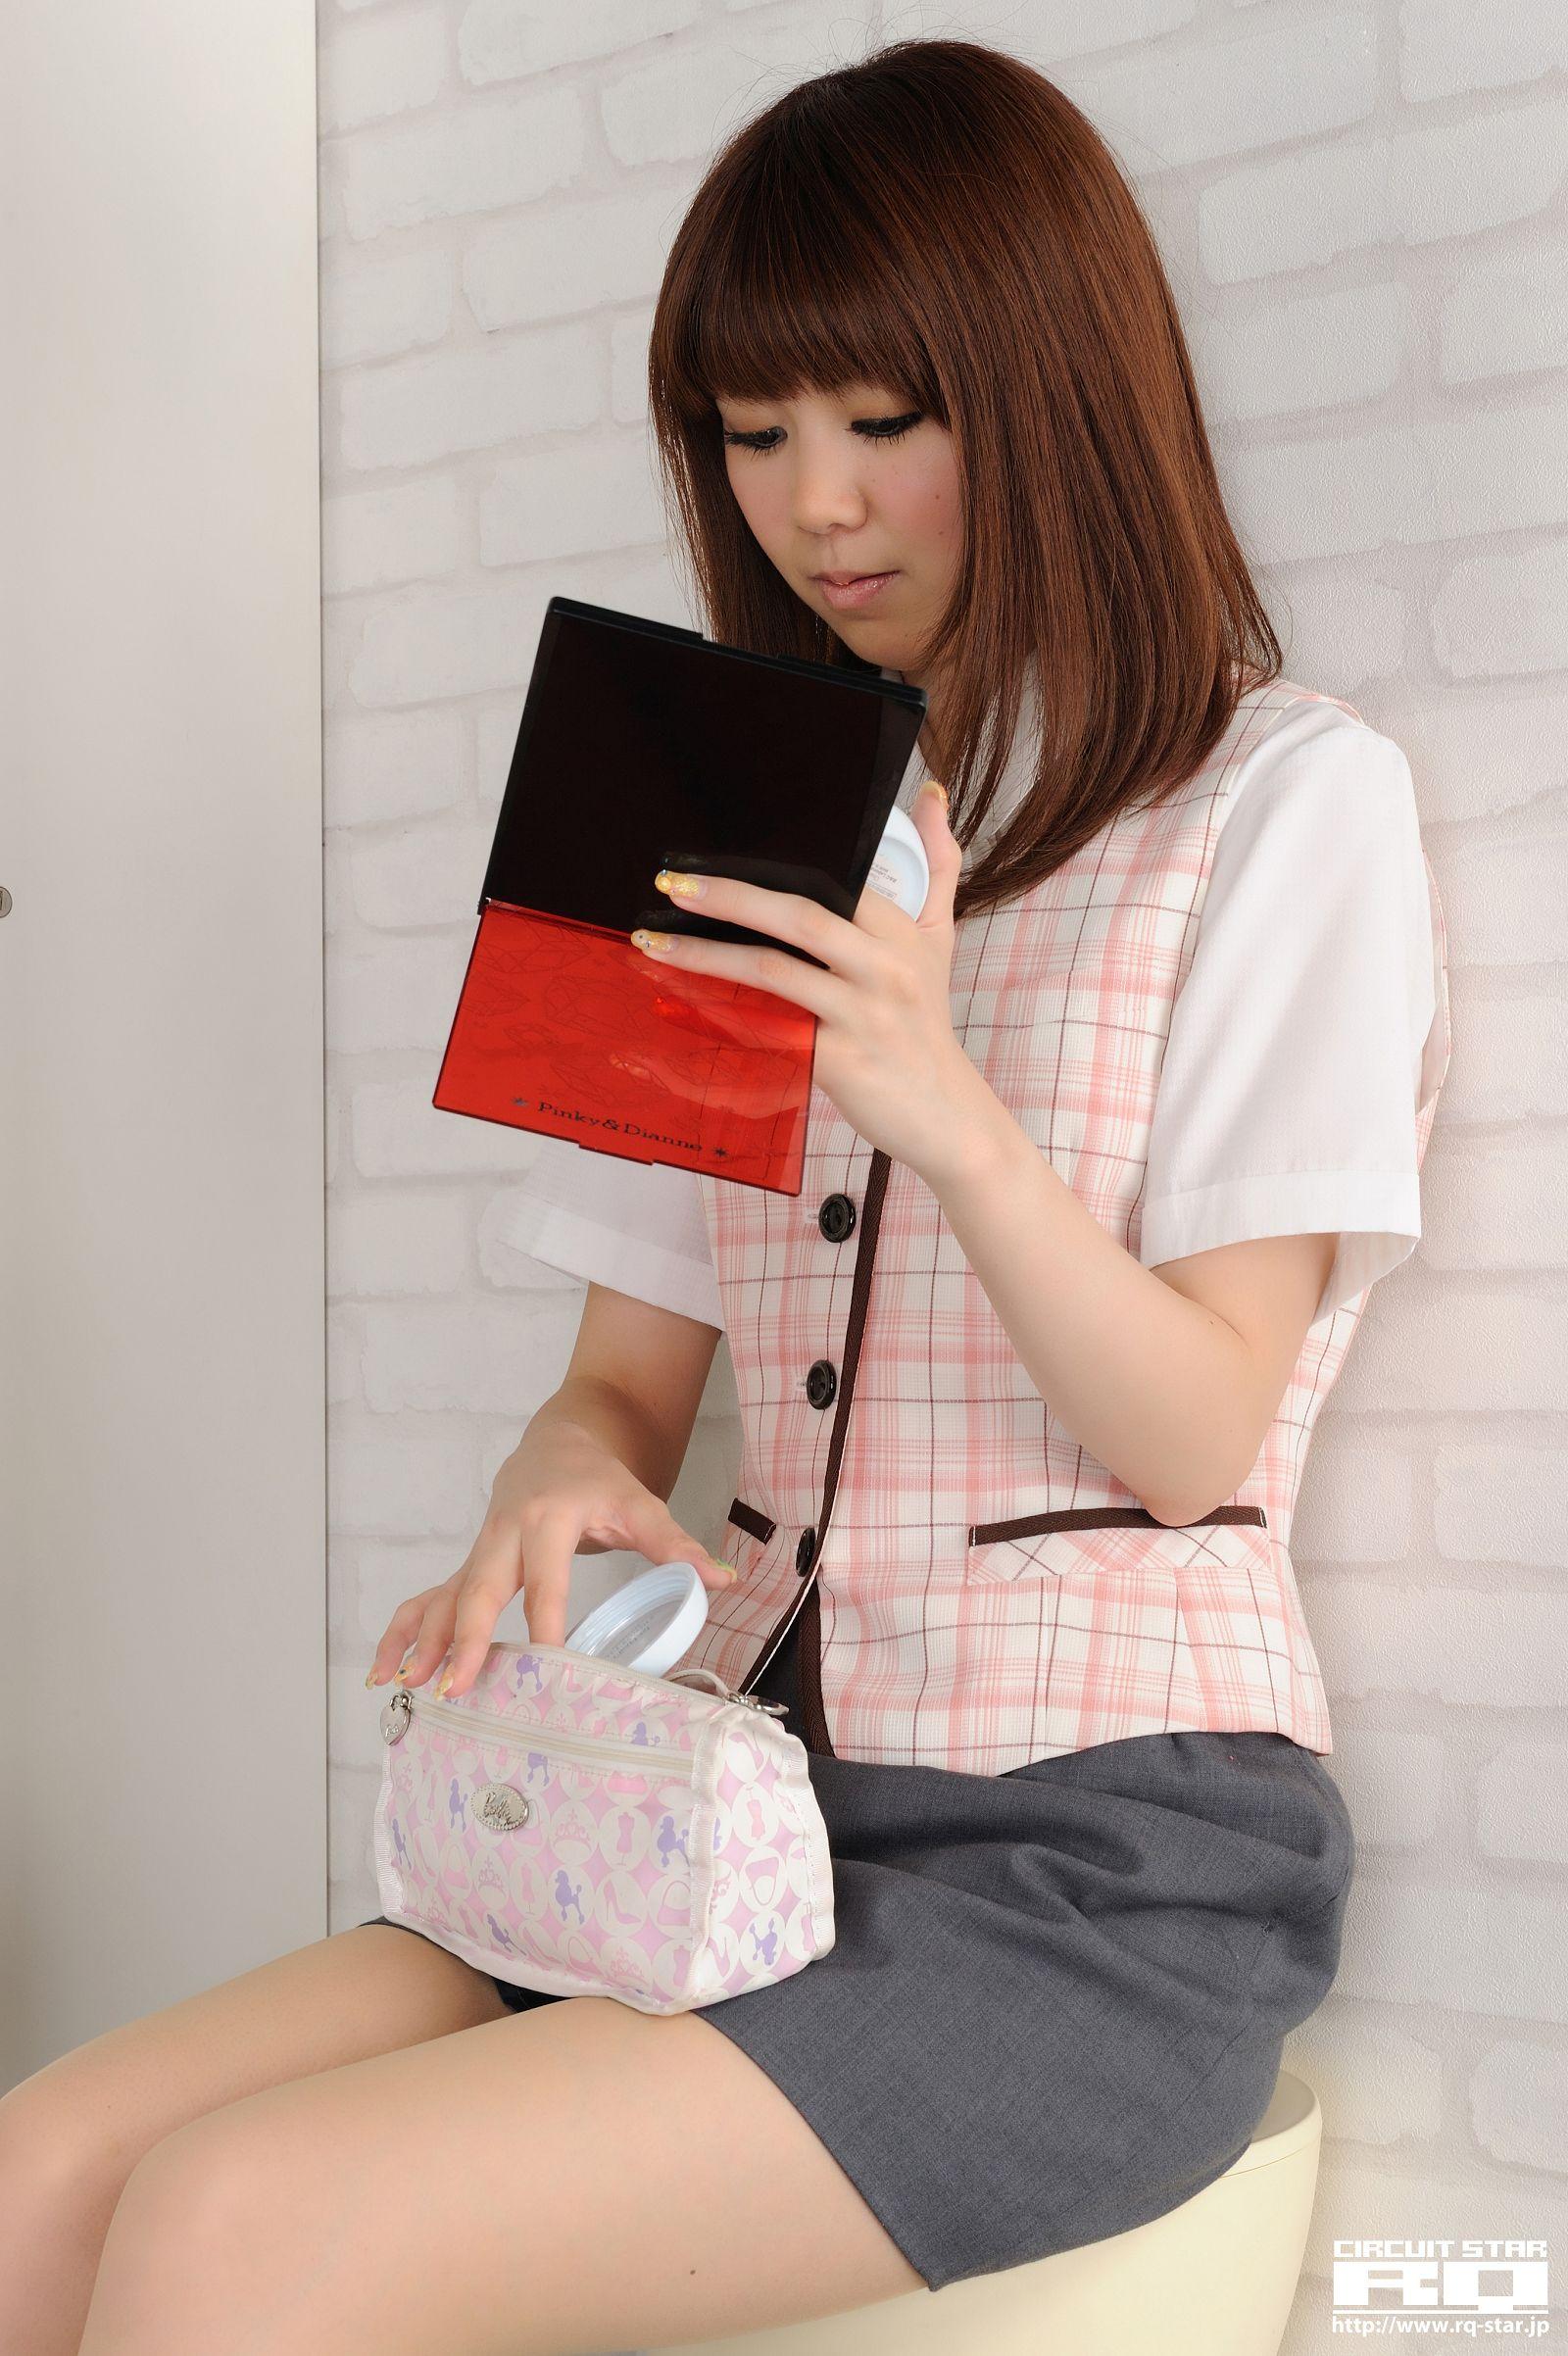 [RQ STAR美女] NO.0384 Haruka Ikuta 生田晴香 Office Lady[140P] RQ STAR 第4张